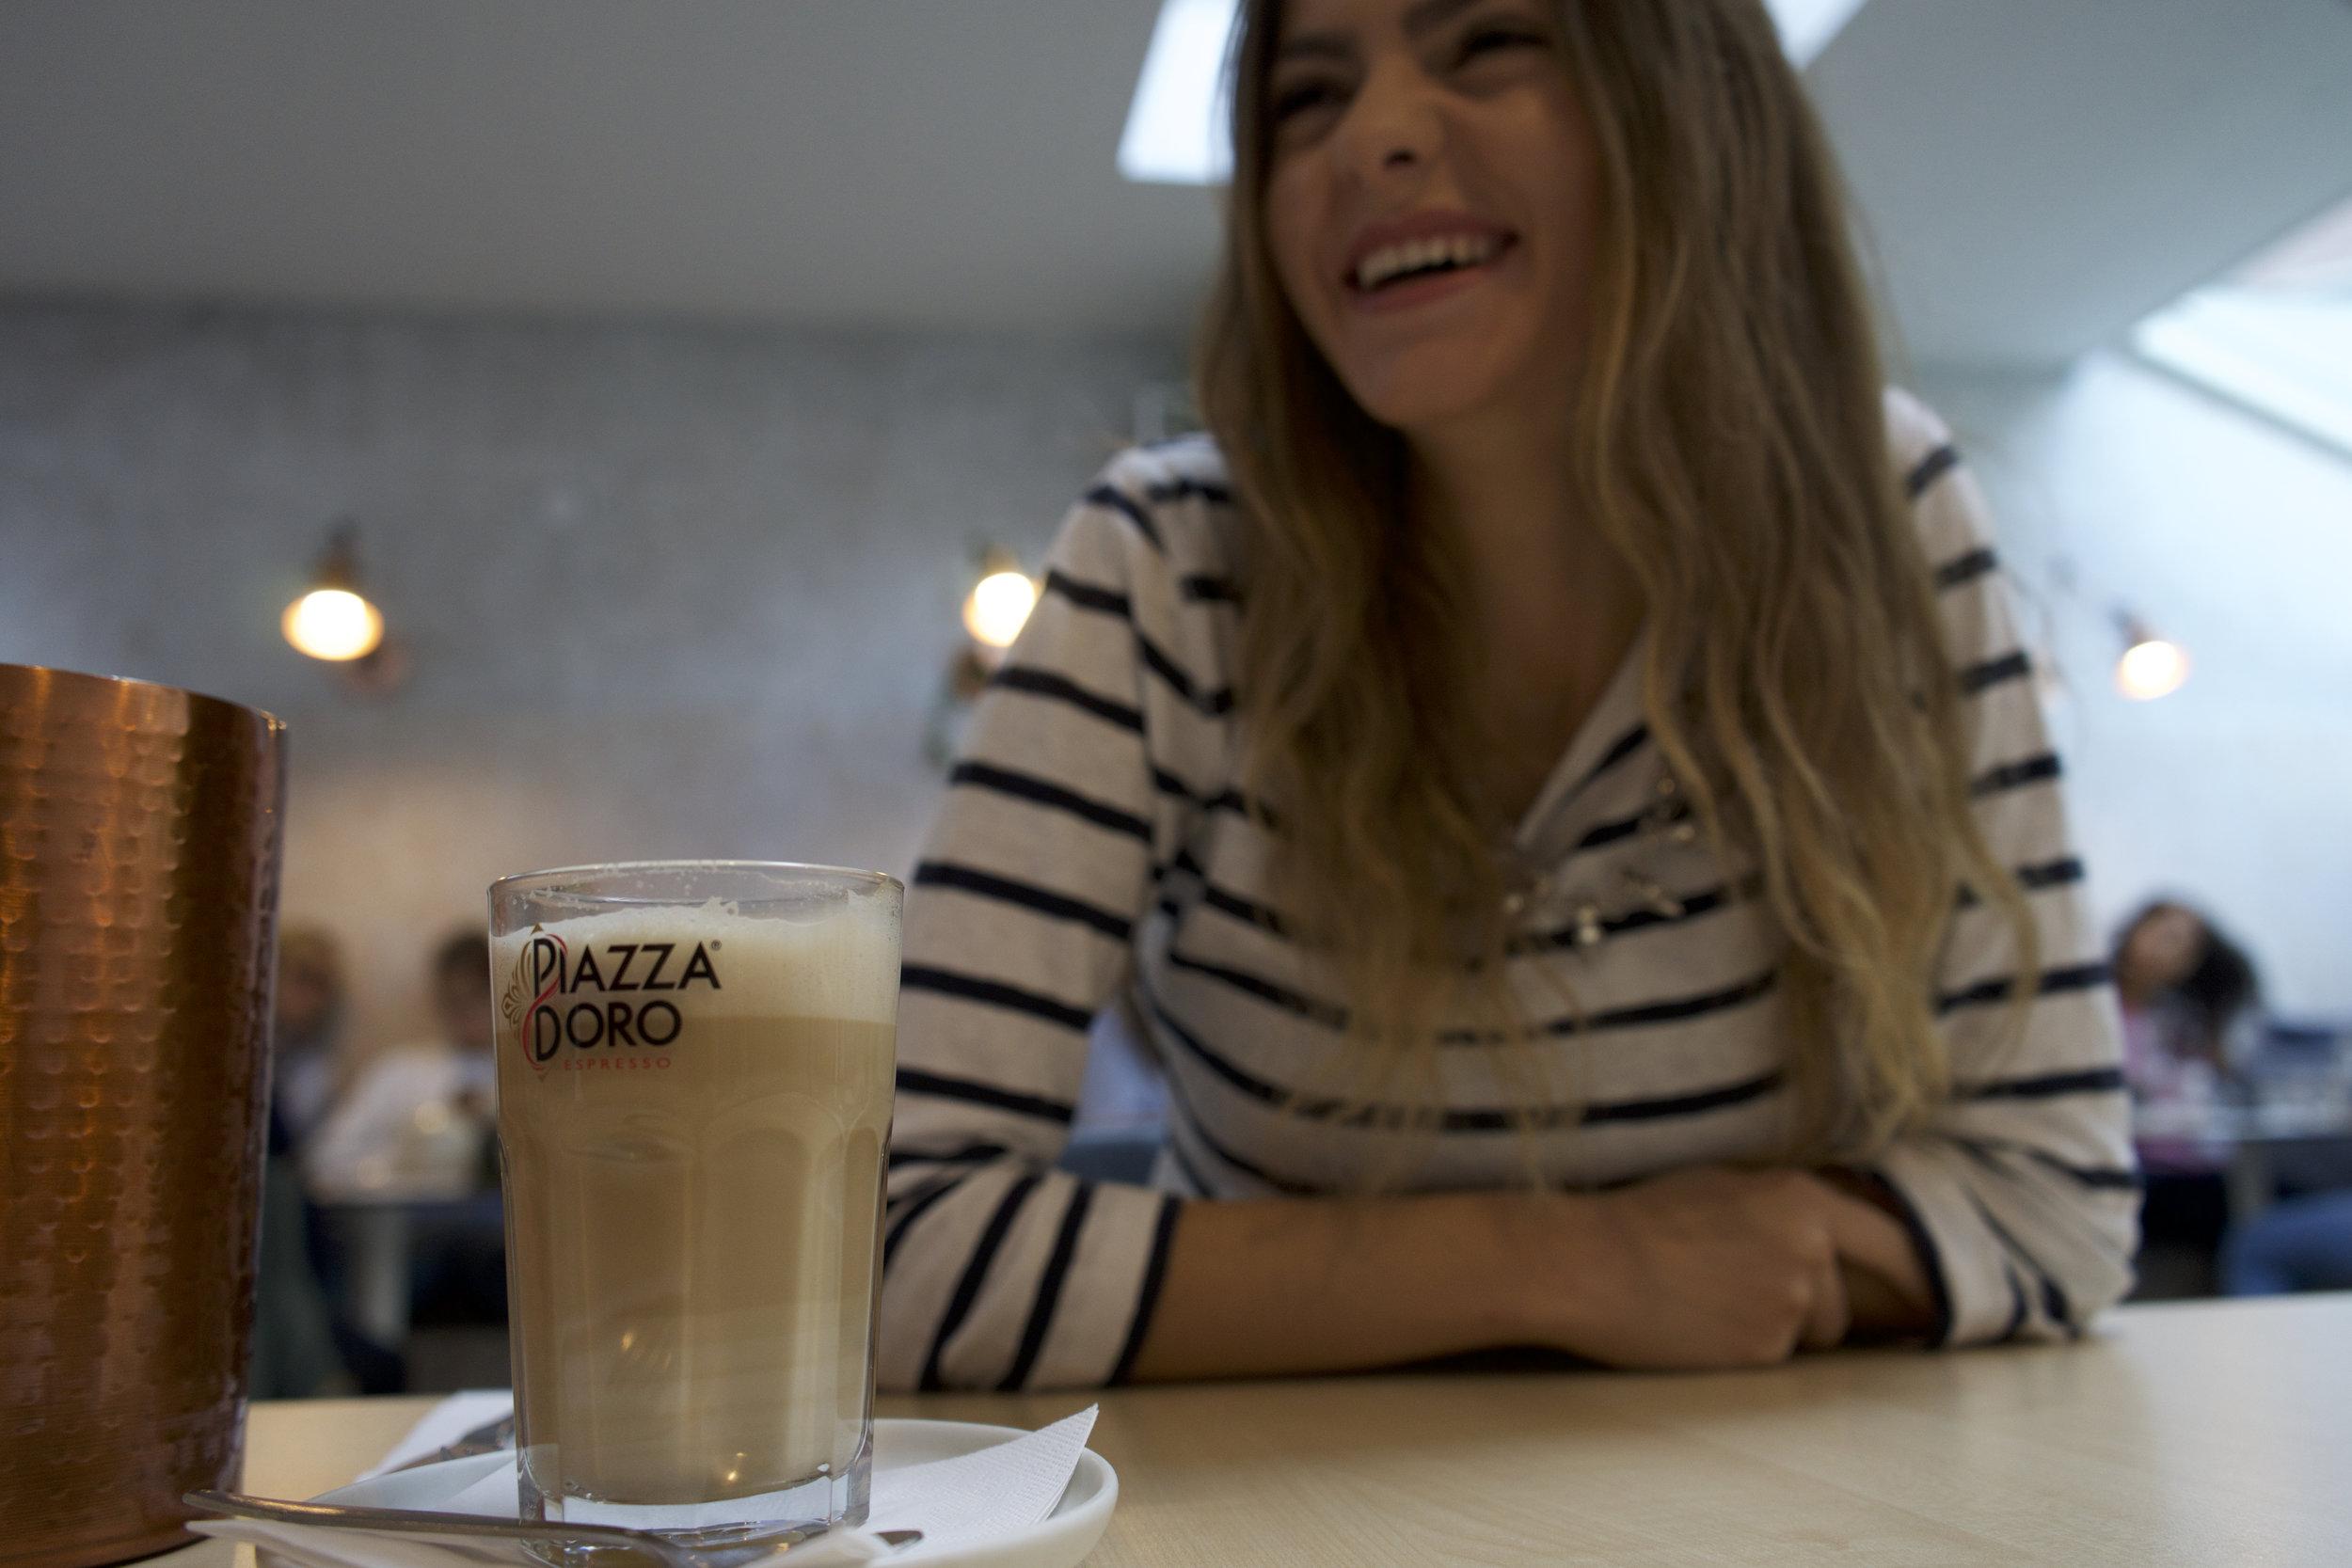 CATEGORIE LIFESTYLE - Elle a pour objectif de partager mes découvertes: endroits, restaurants, cafés, produits, mes bons plans, ... mais aussi de partager mes voyages, des conseils de la vie quotidienne et mes coups coeurs en décoration.                          La catégorie que je veux vraiment développer plus. D'ailleurs, si vous allez sur mon profil Instagram, vous avez une rubrique